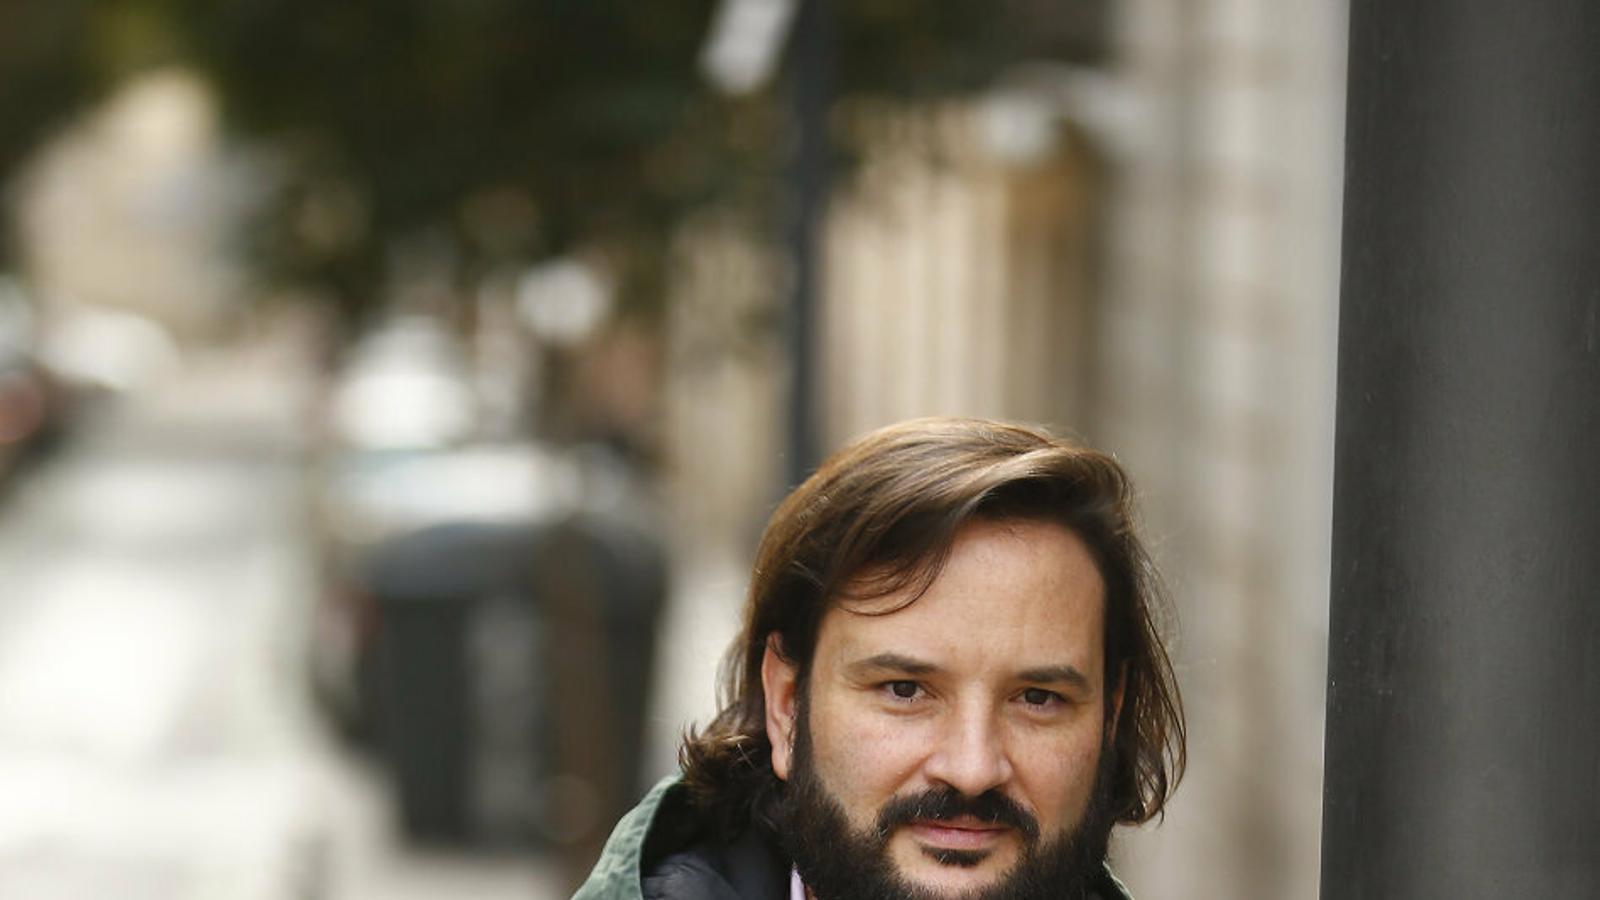 L'escriptor compostel·là Roy Galán fotografiat en un carrer  de Madrid.